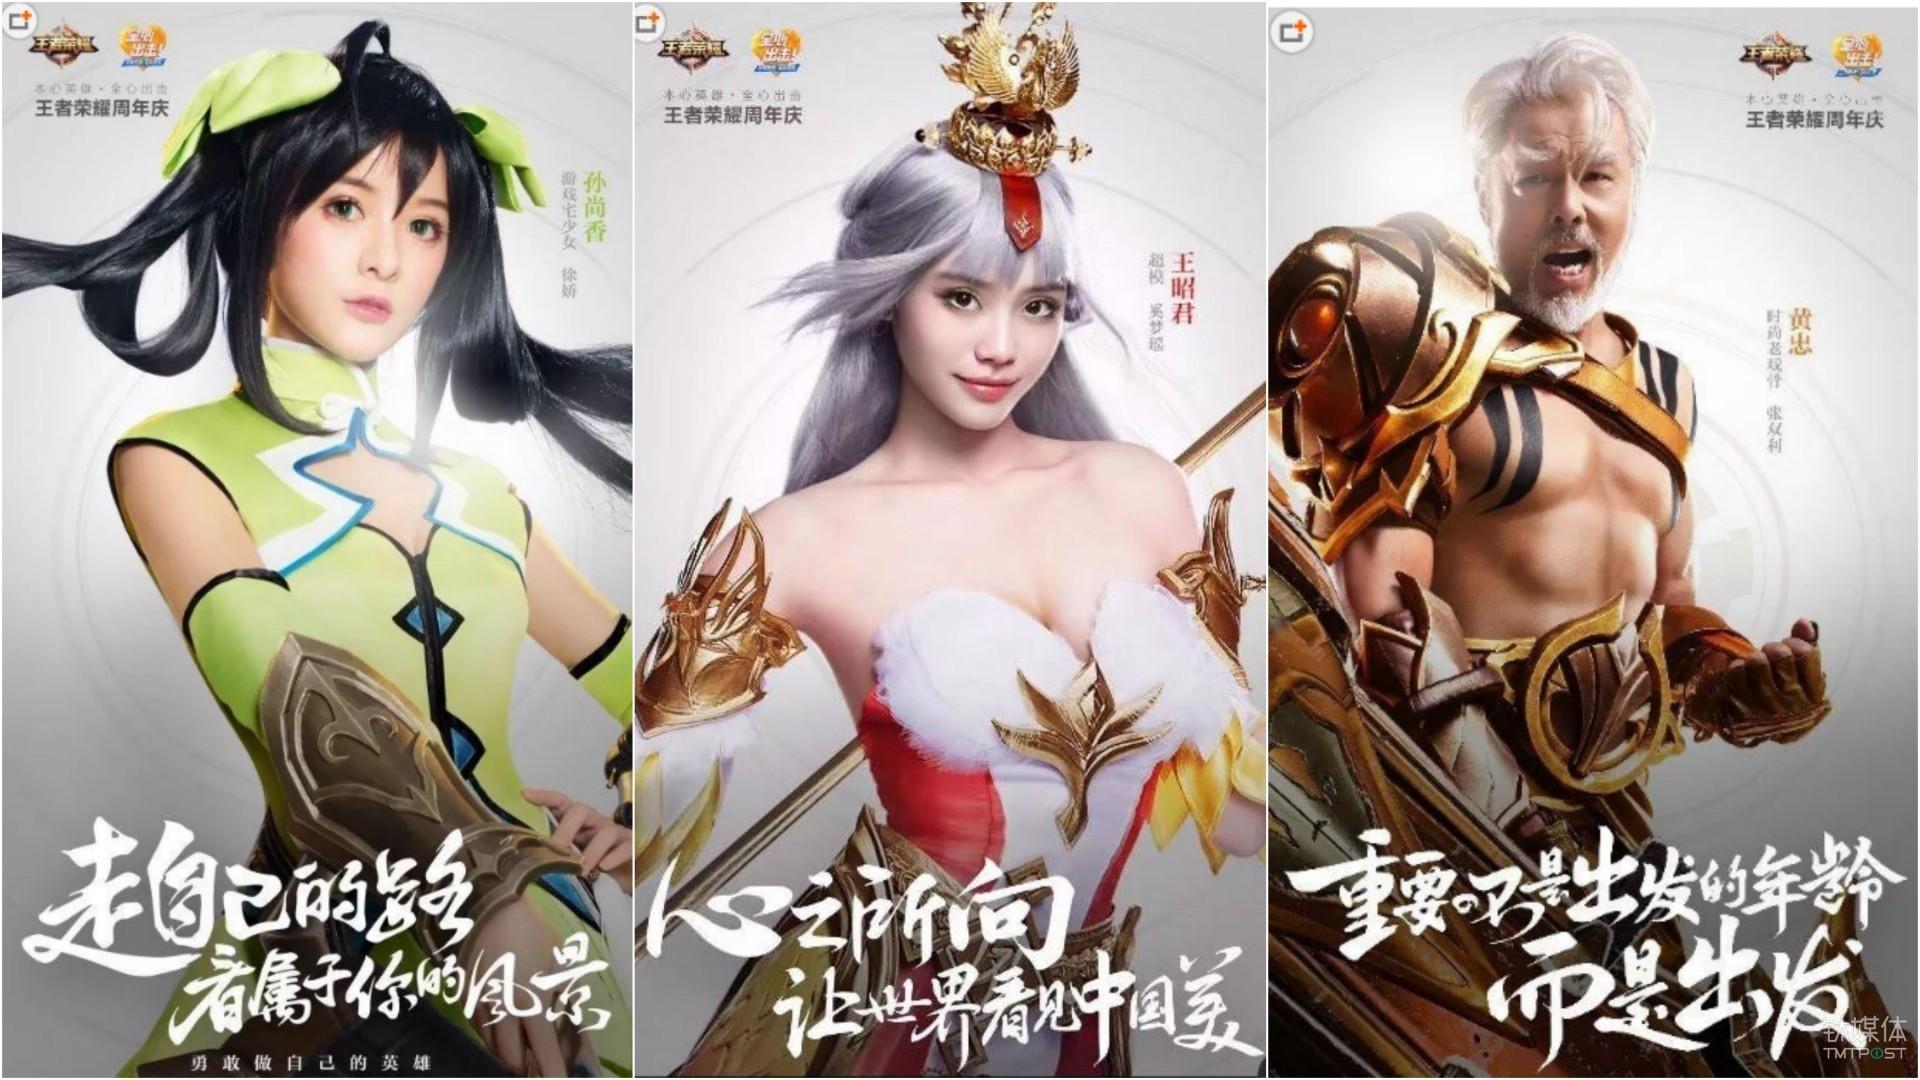 明星Cos英雄角色海报,包括徐娇Cos孙尚香、奚梦瑶Cos王昭君、张